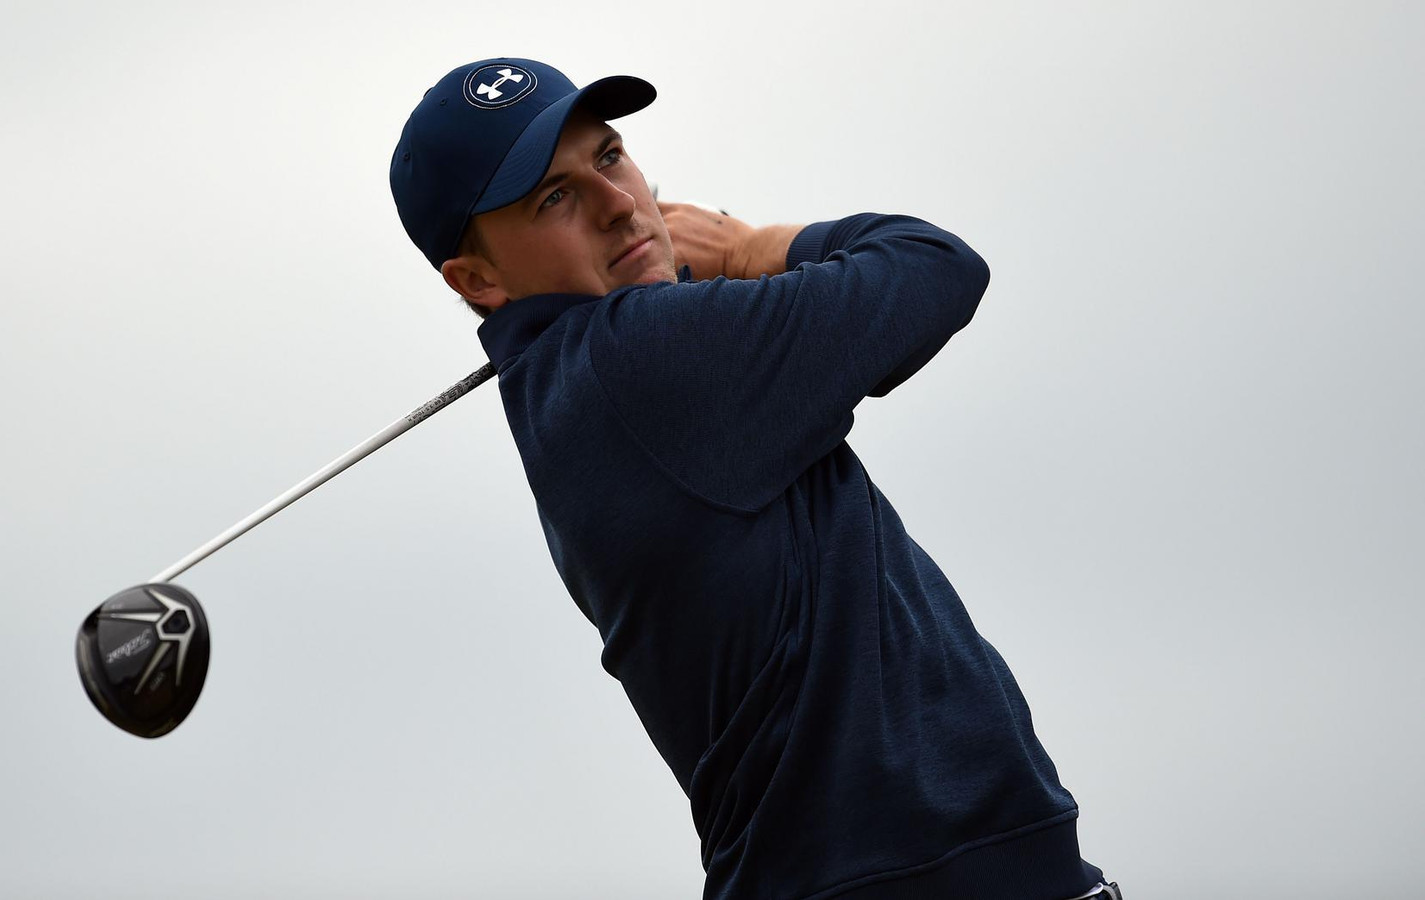 'Golfers slaan Spelen over omdat er geen prijzengeld is ... Golfers